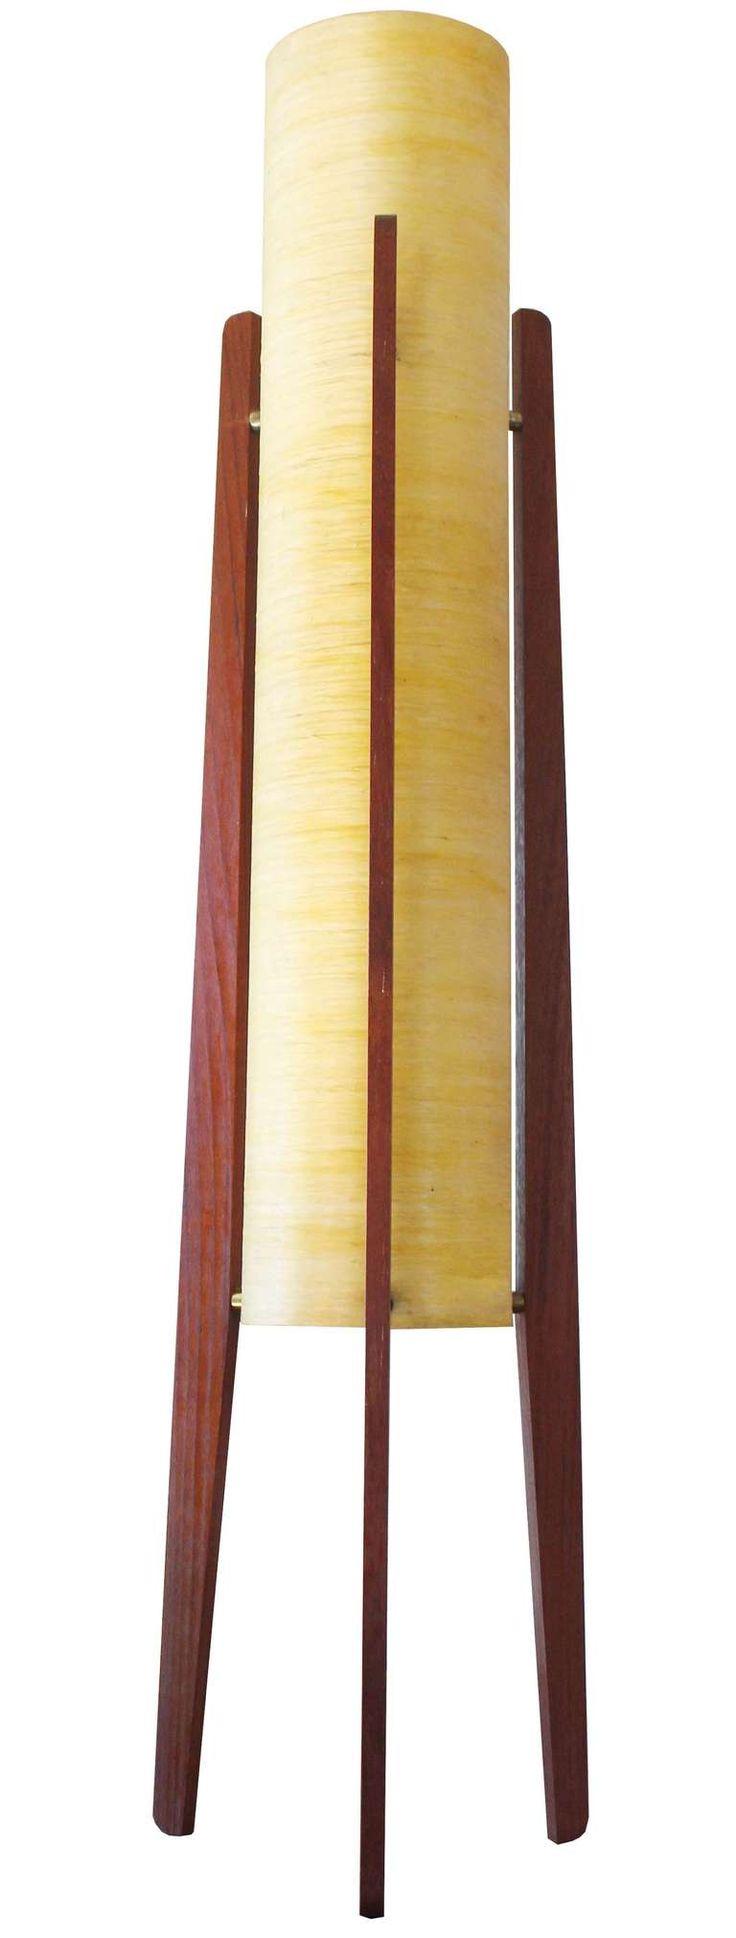 Antique wooden table lamps - Danish Rocket Lamp